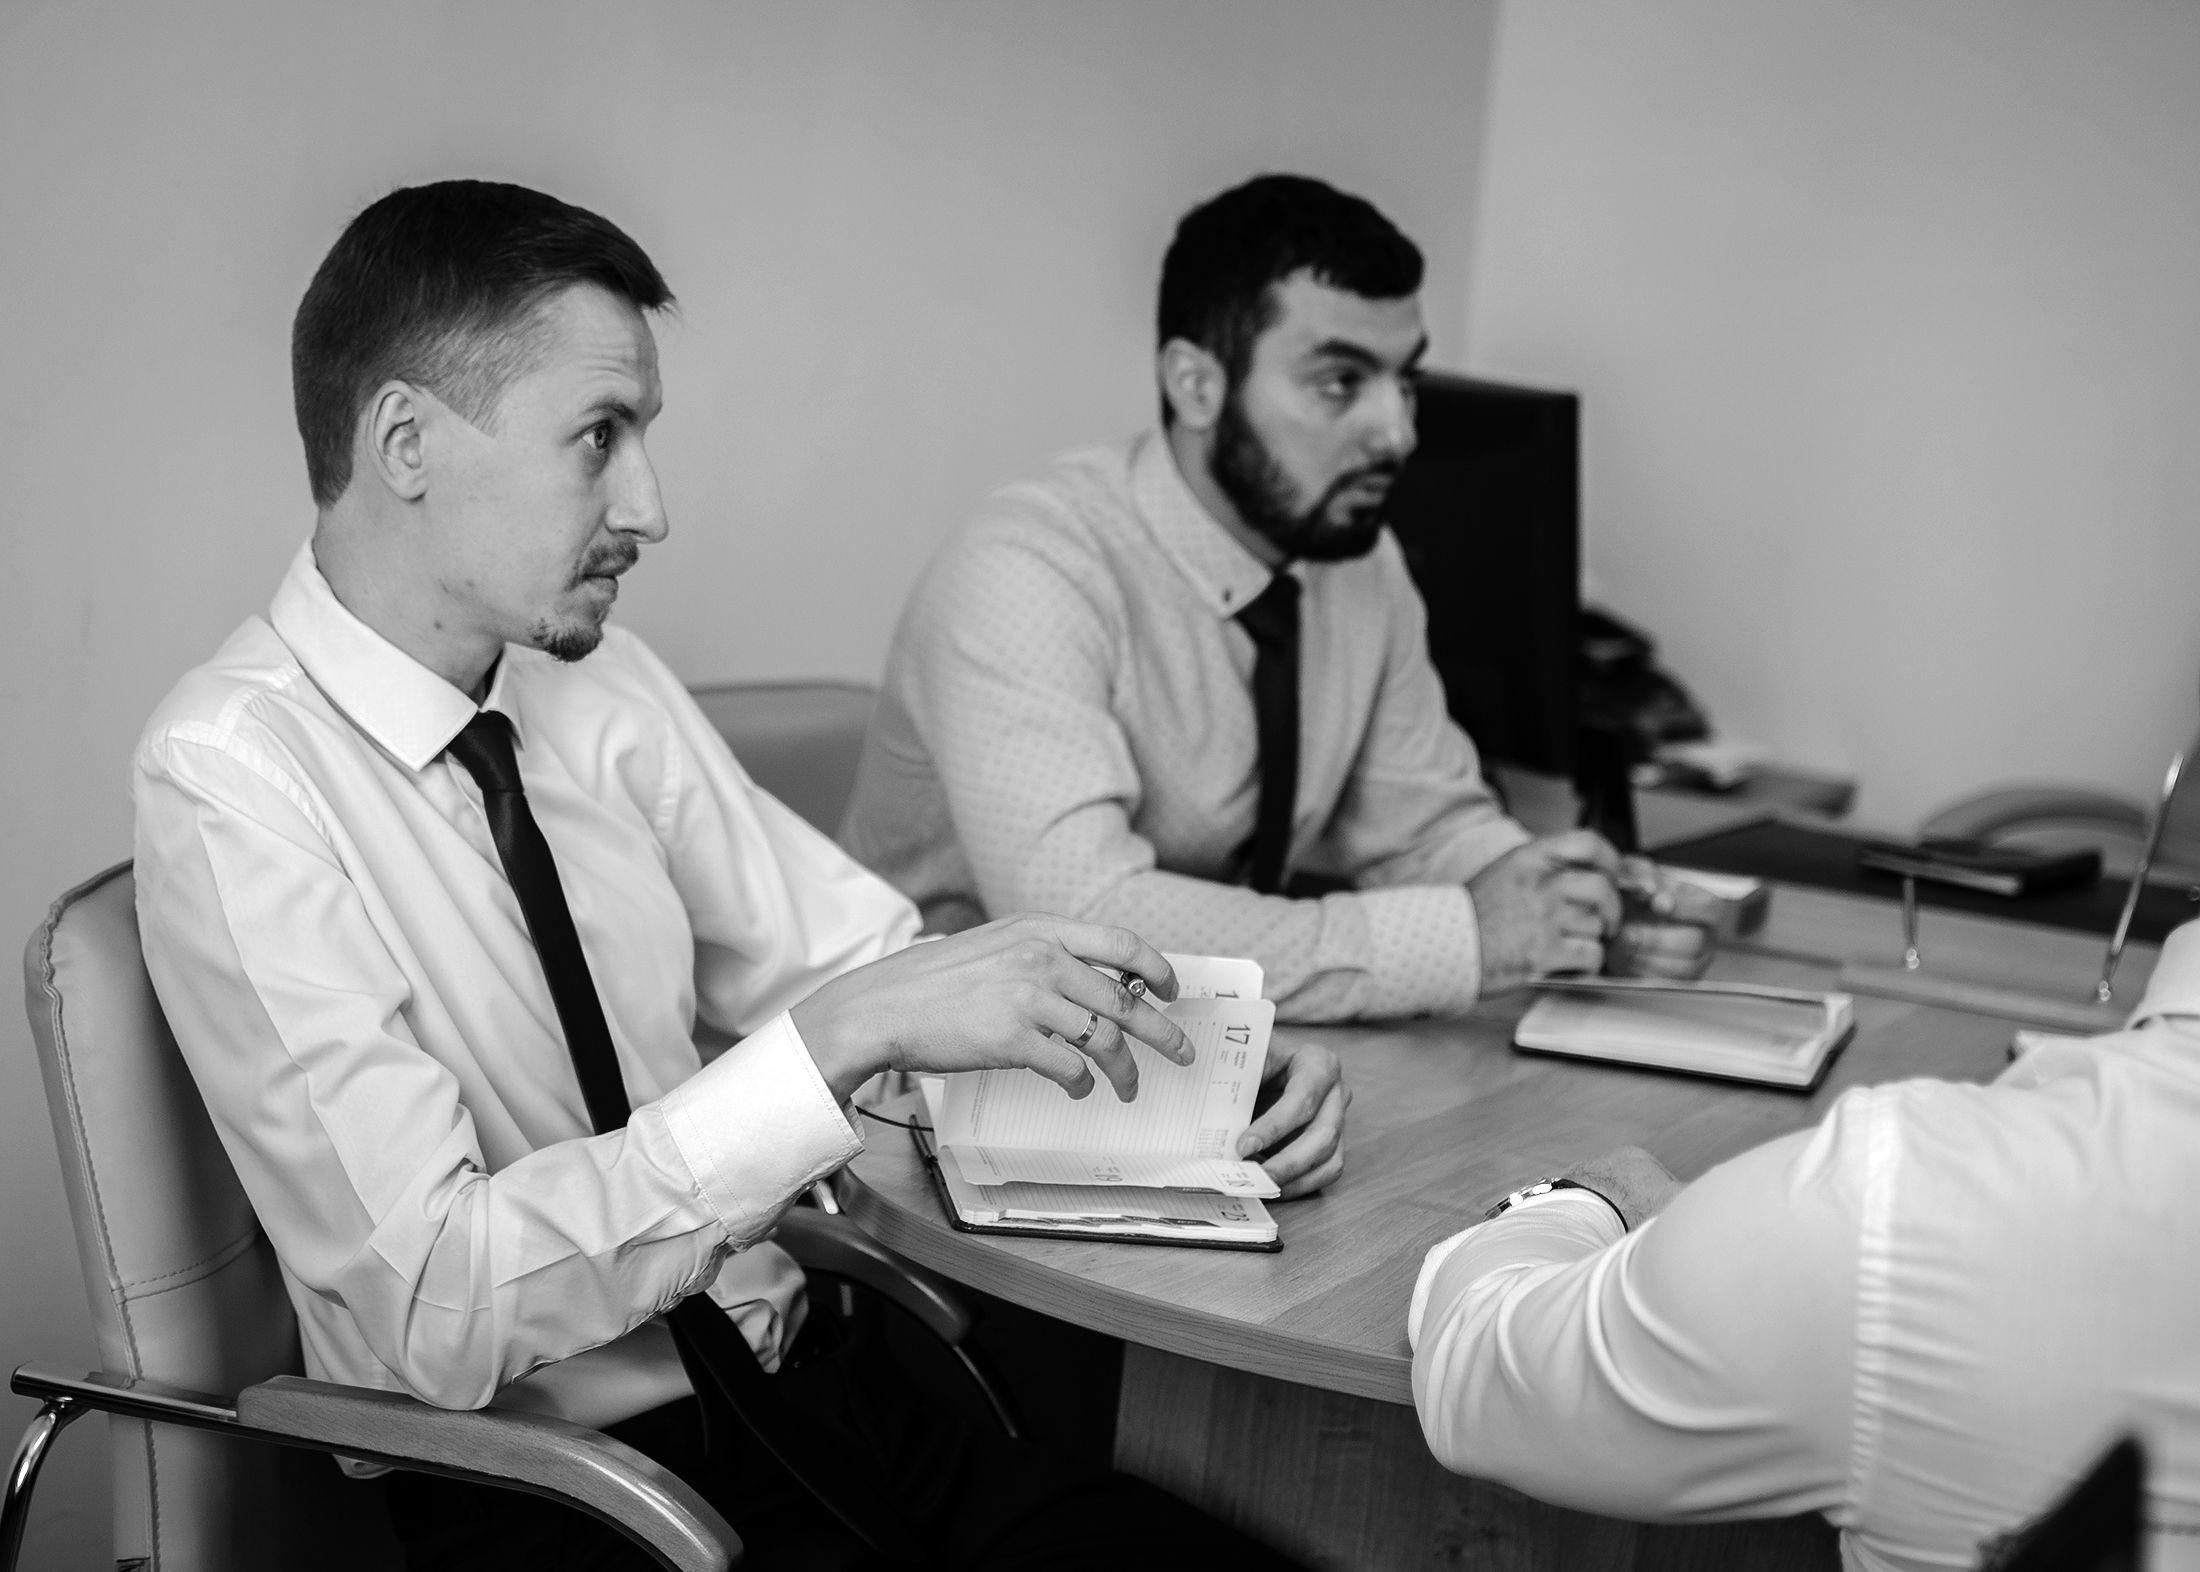 юрист корпоративное право консультация